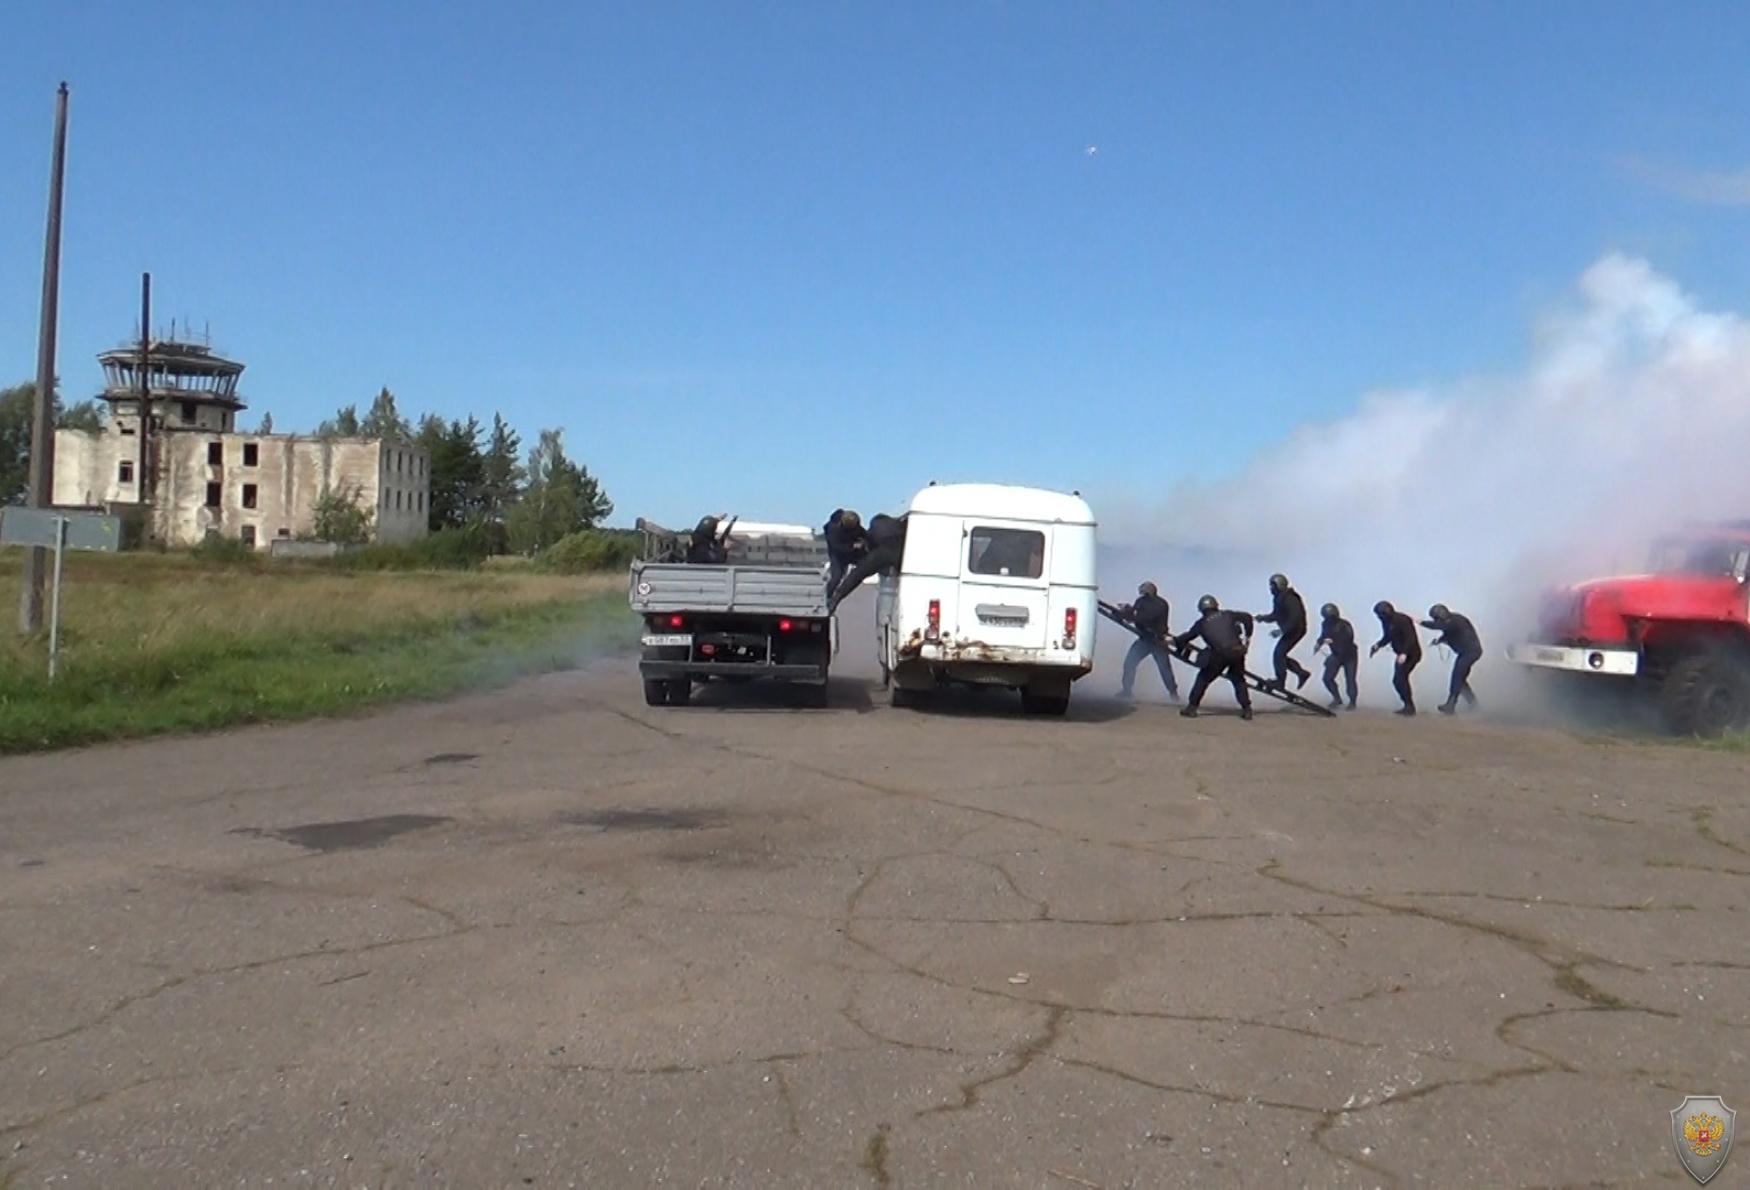 Оперативным штабом в Новгородской области проведено тактико-специальное учение под условным наименованием «Метель-2018»